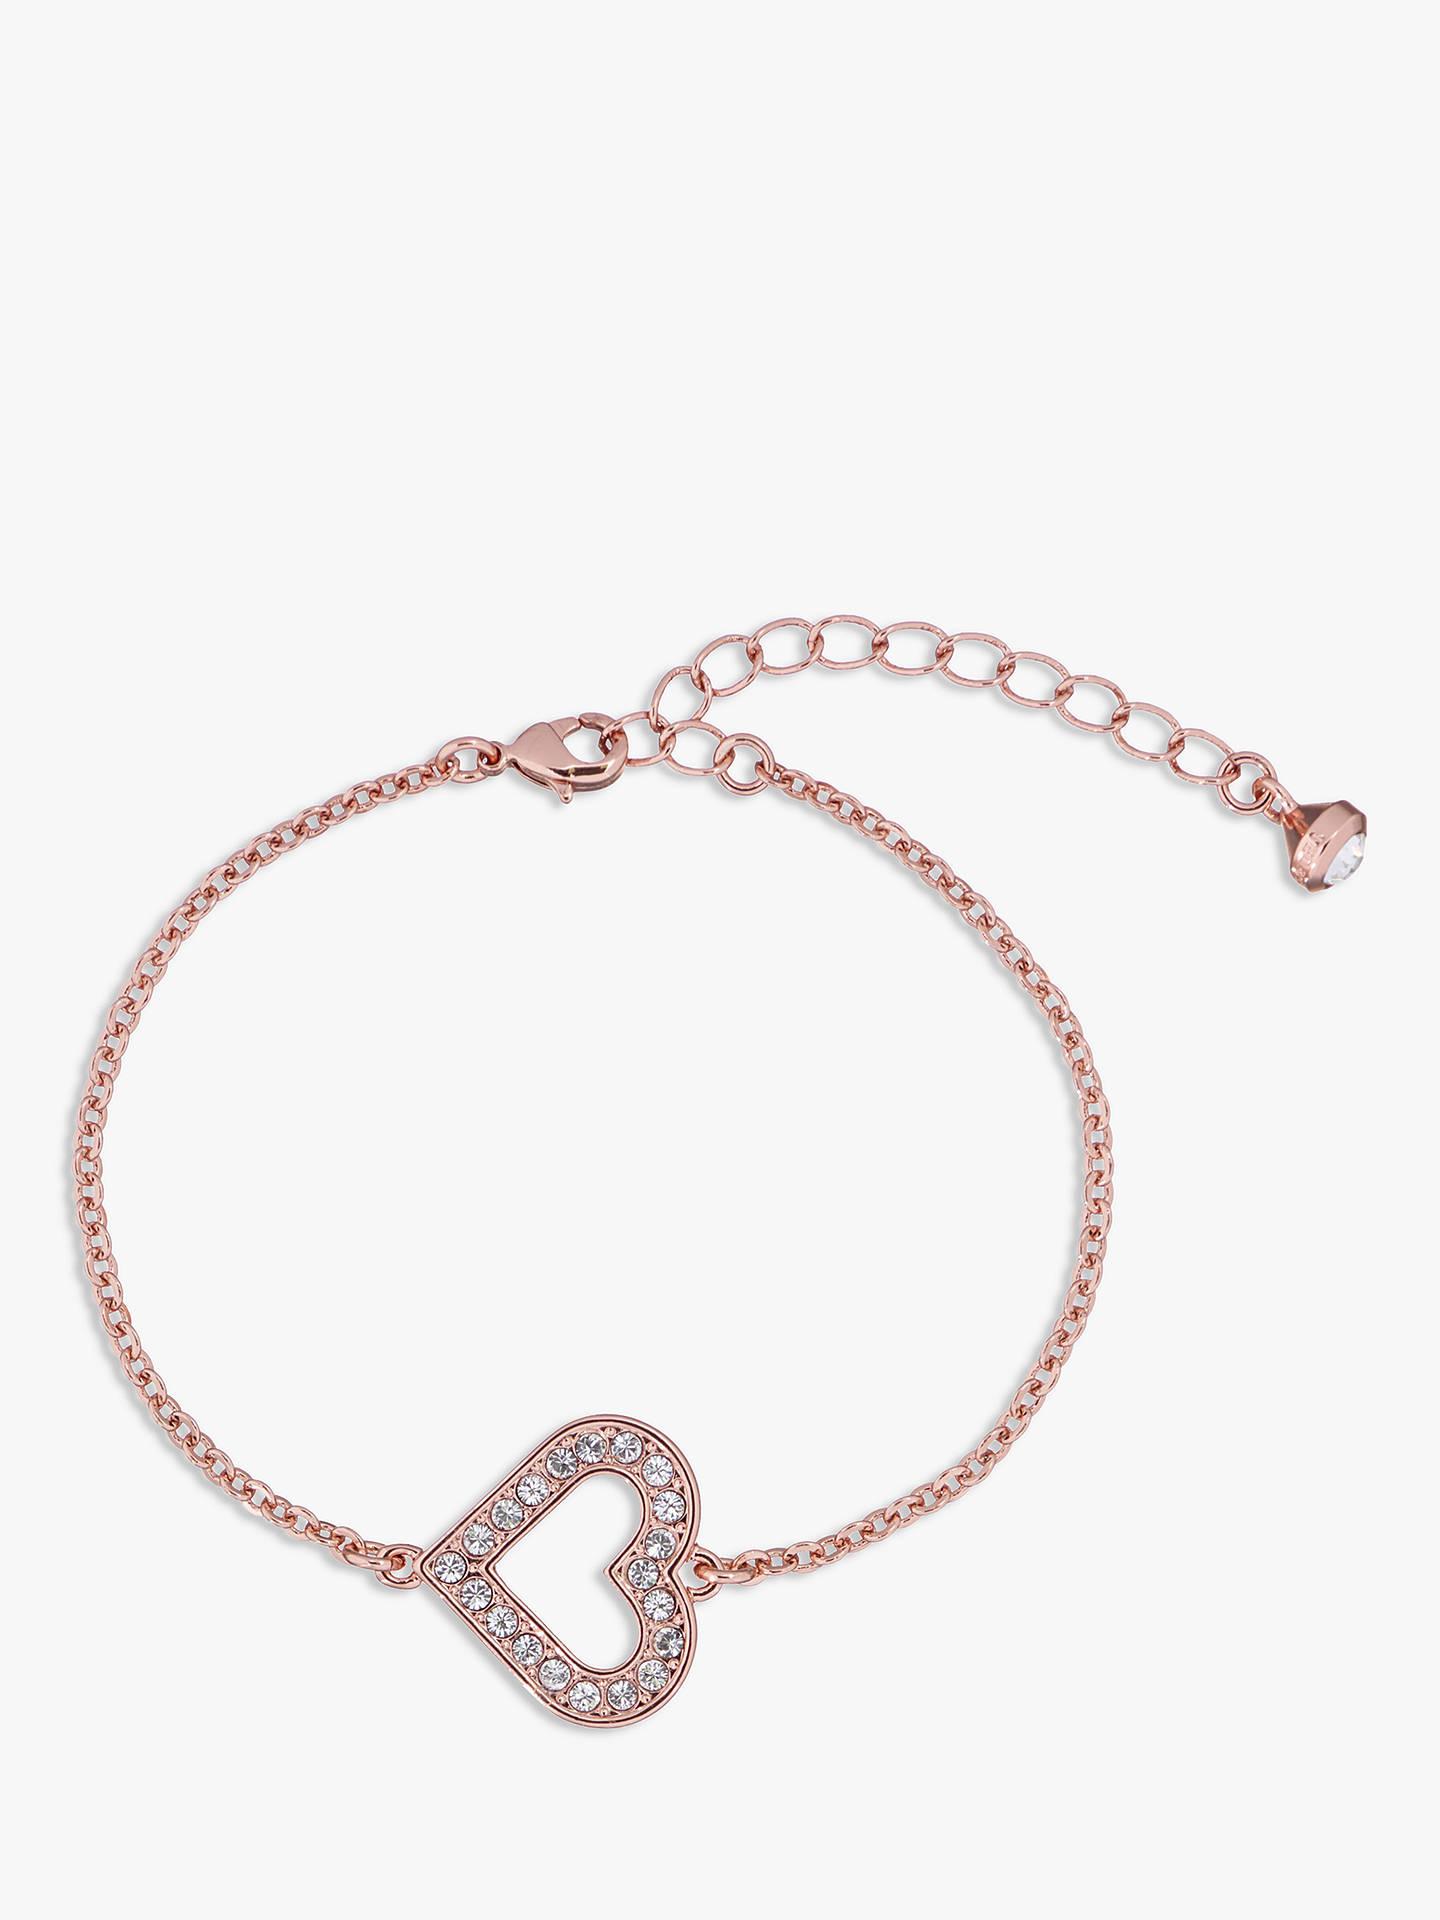 Ted Baker Swarovski Crystal Heart Bracelet Rose Gold Online At Johnlewis